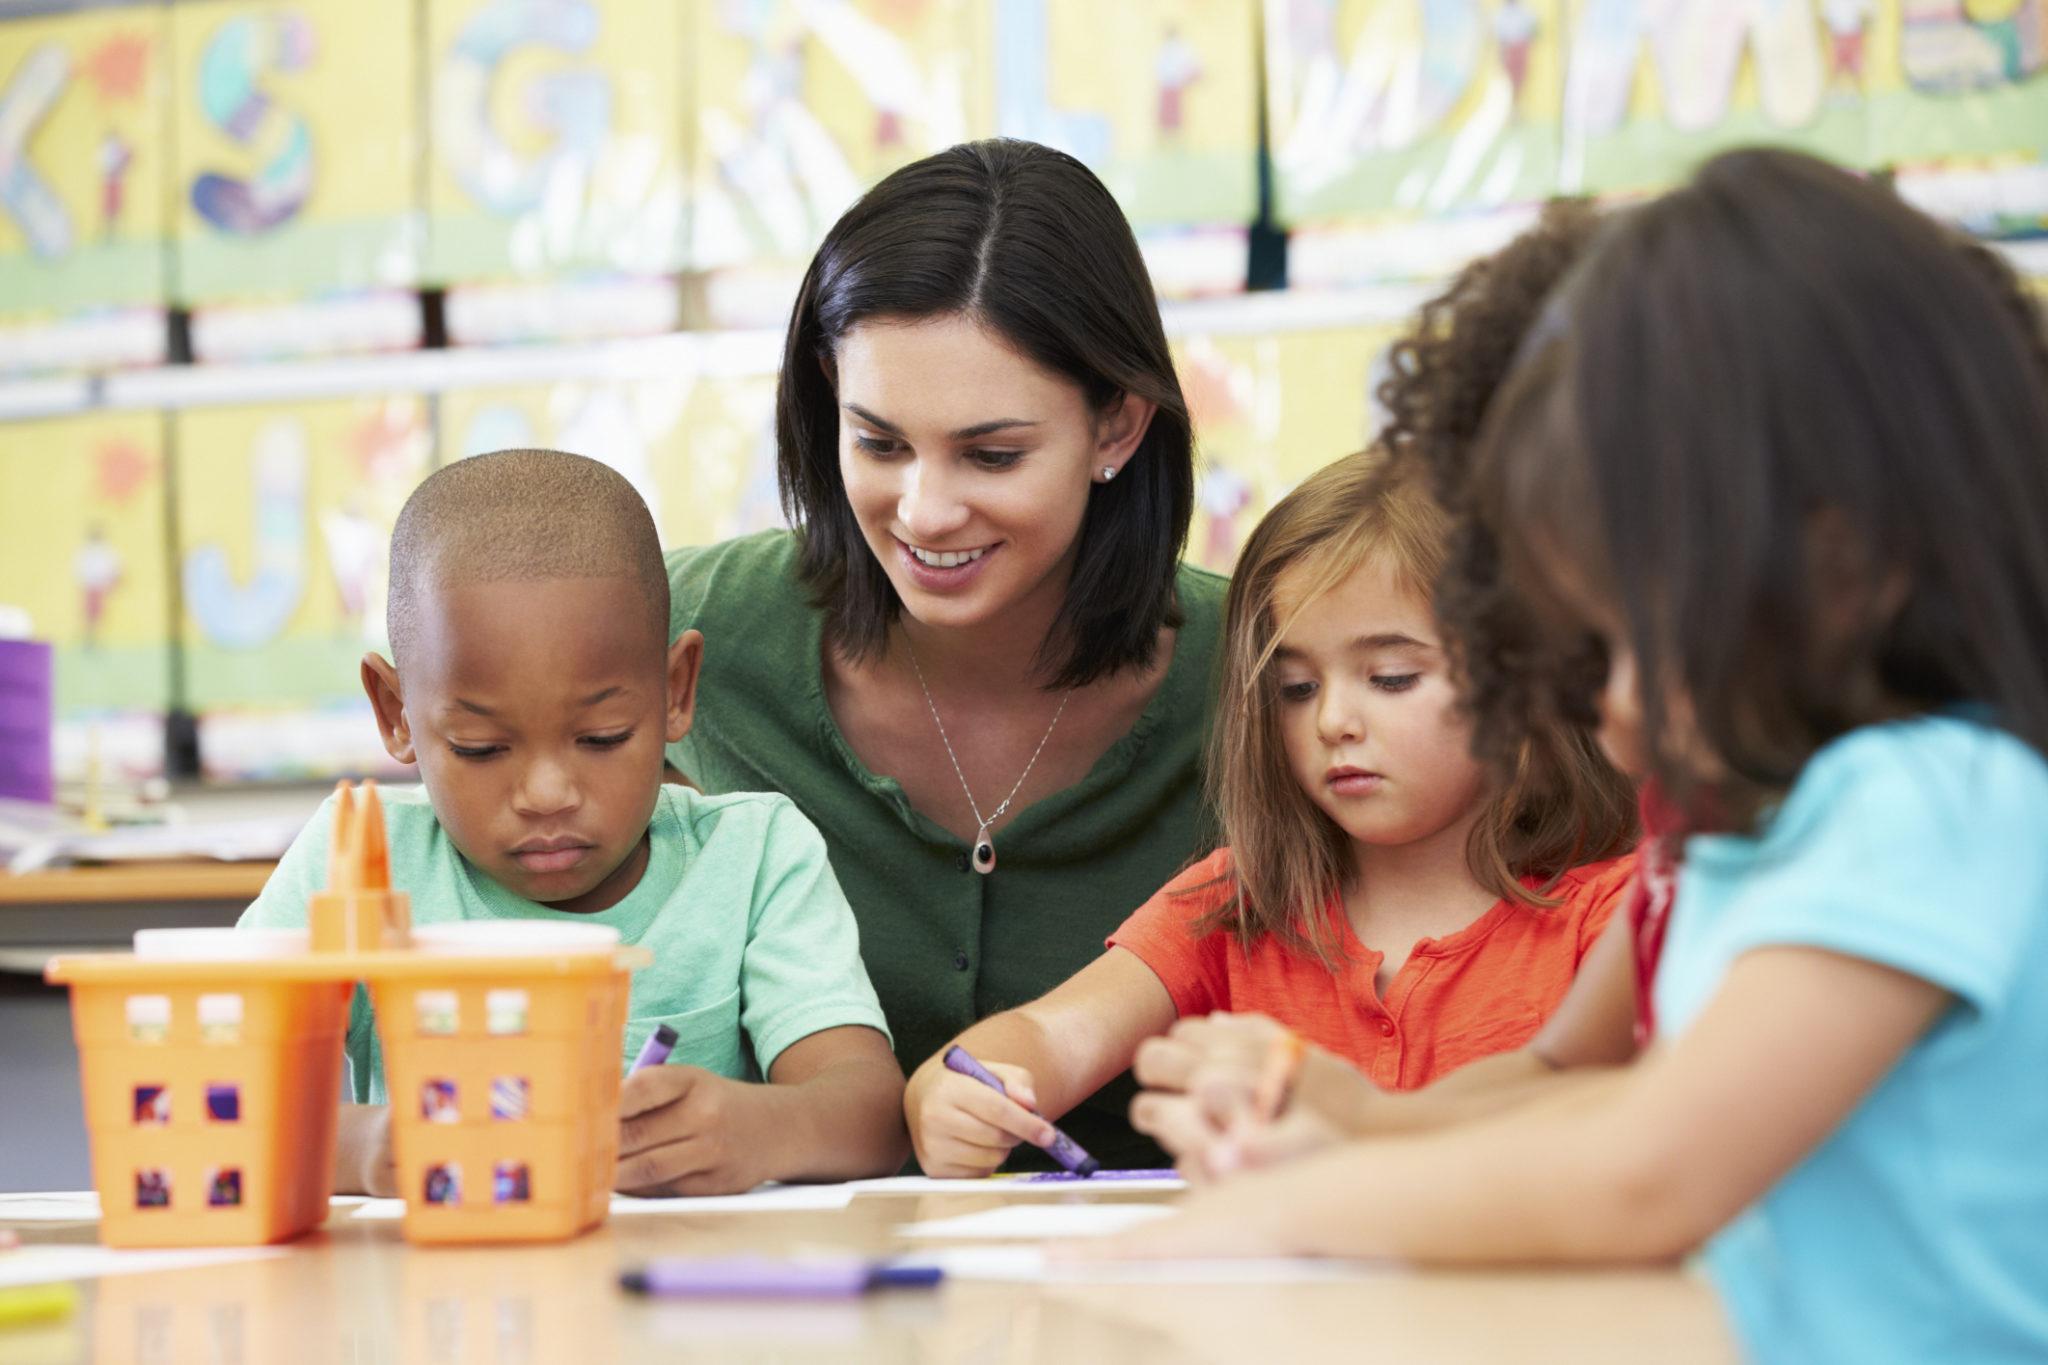 Dia do Pedagogo é comemorado neste sábado, dia 20 de maio